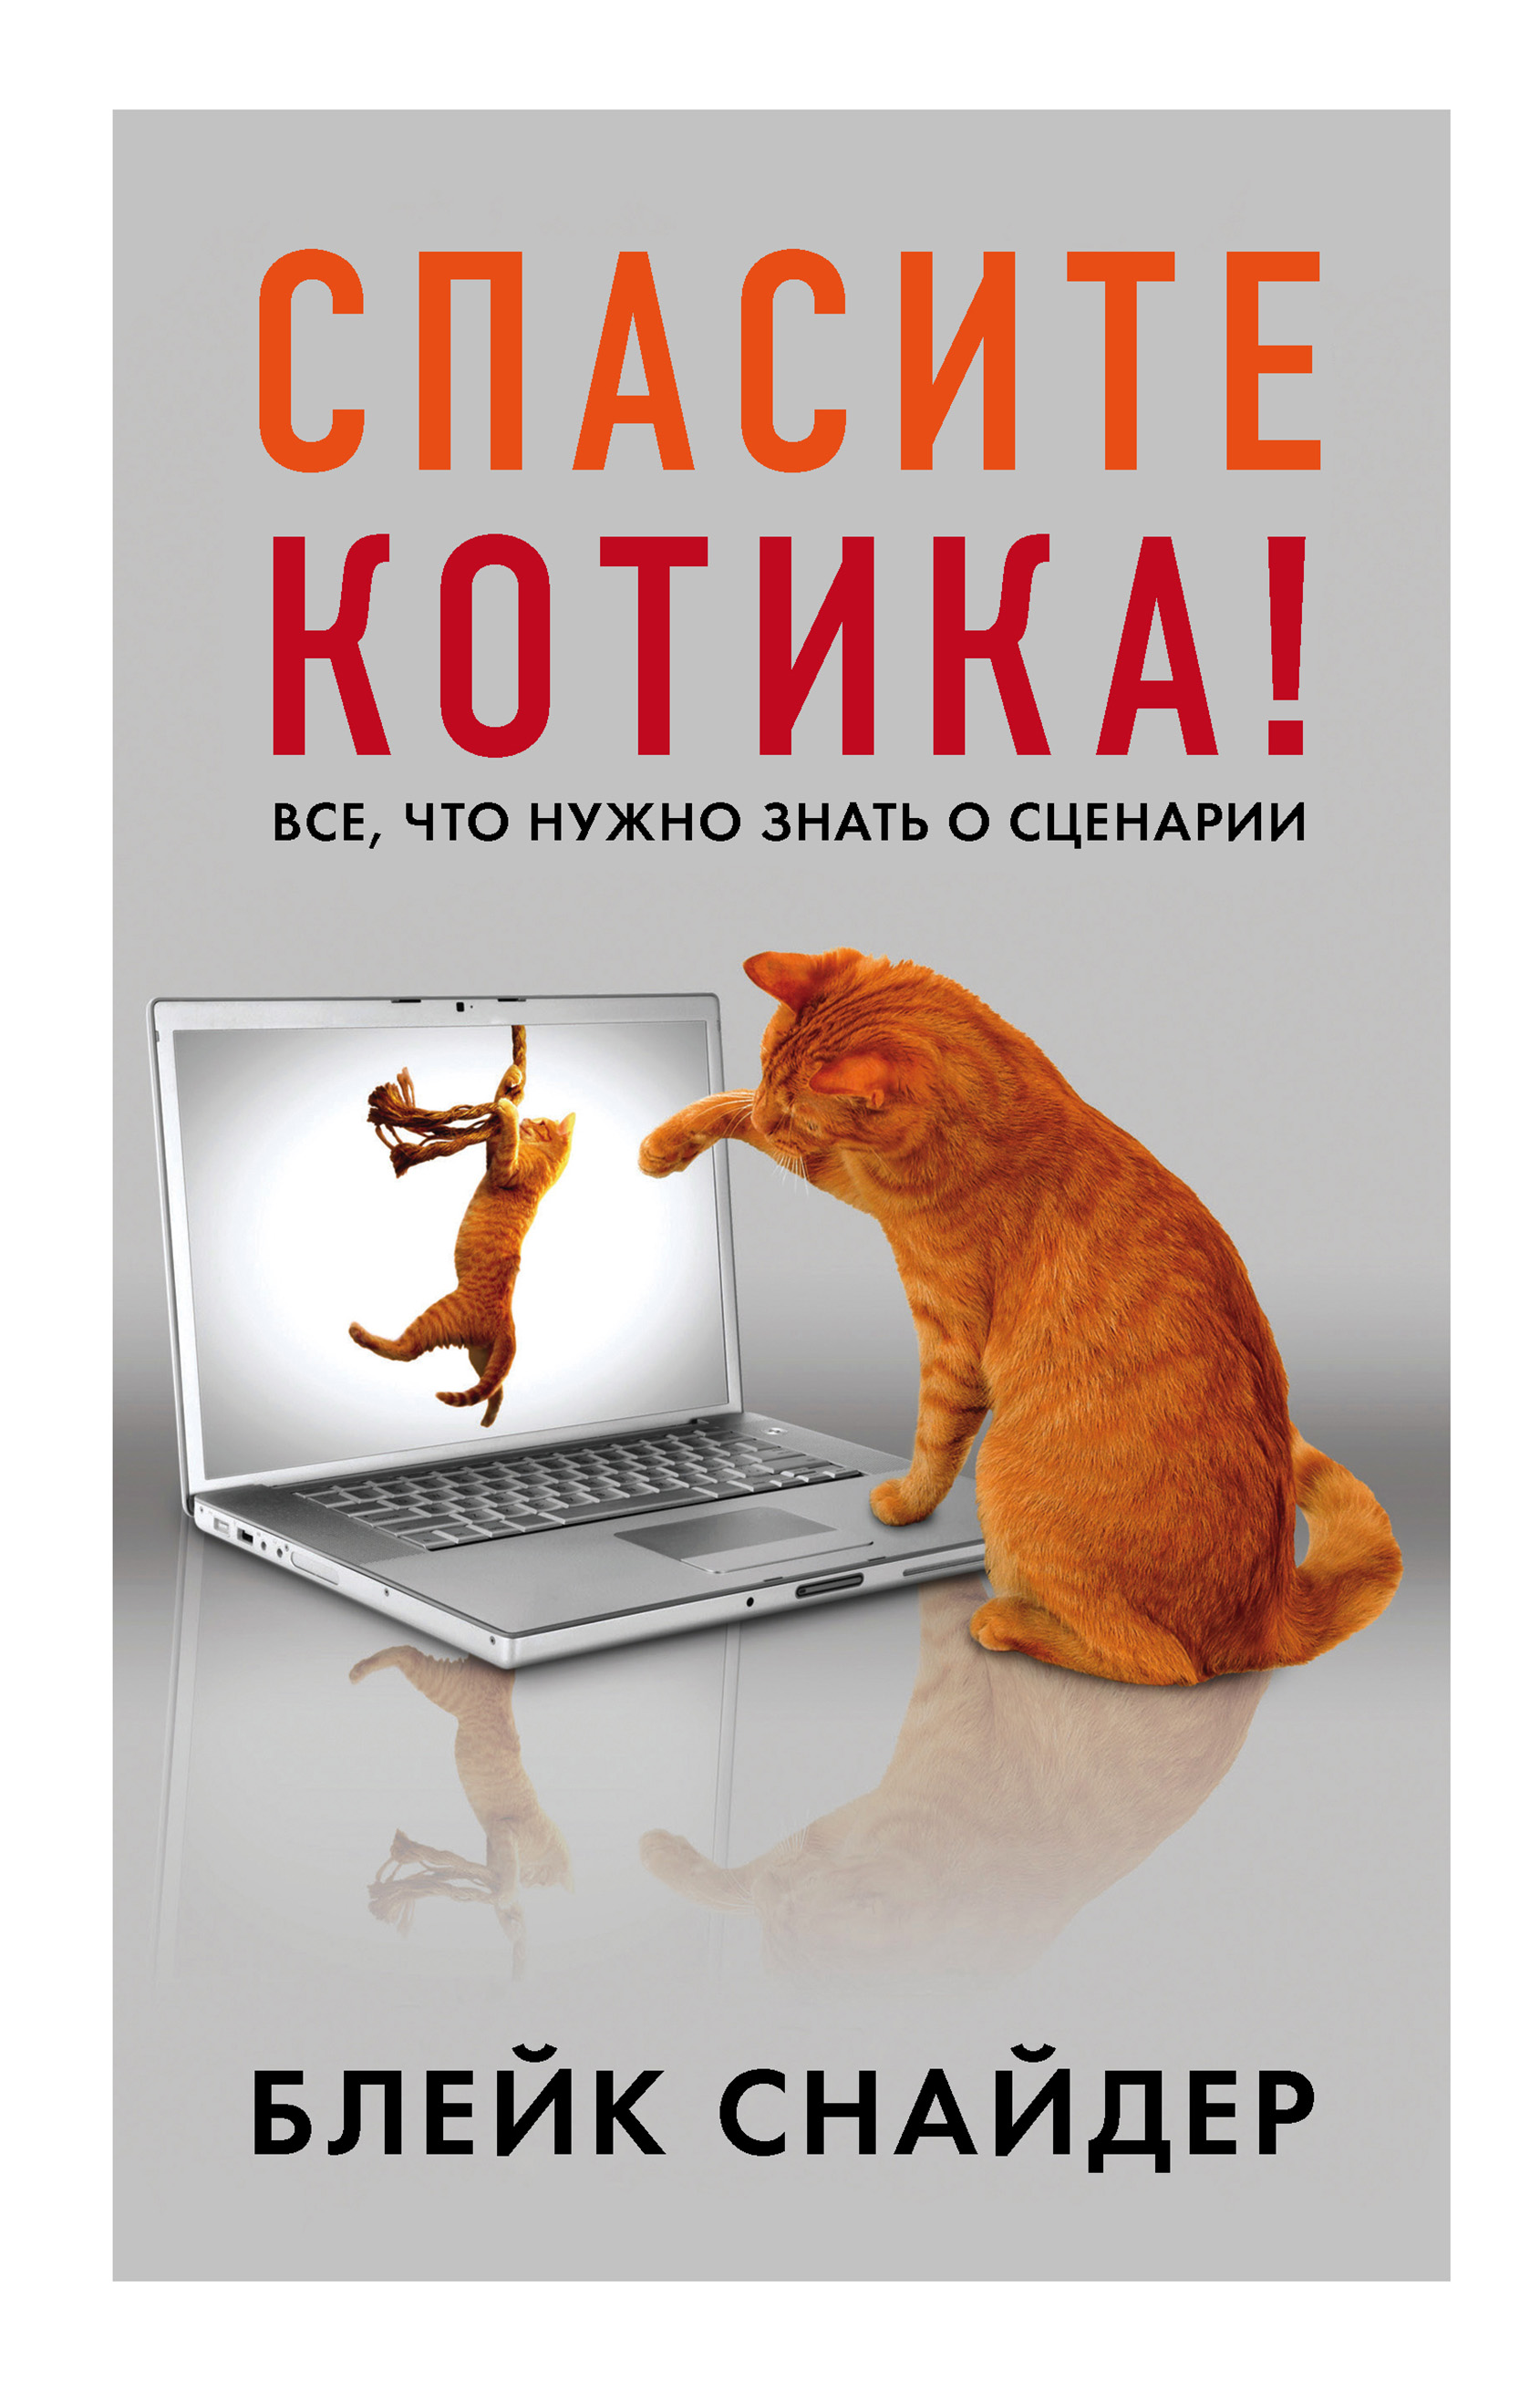 Спасите котика!